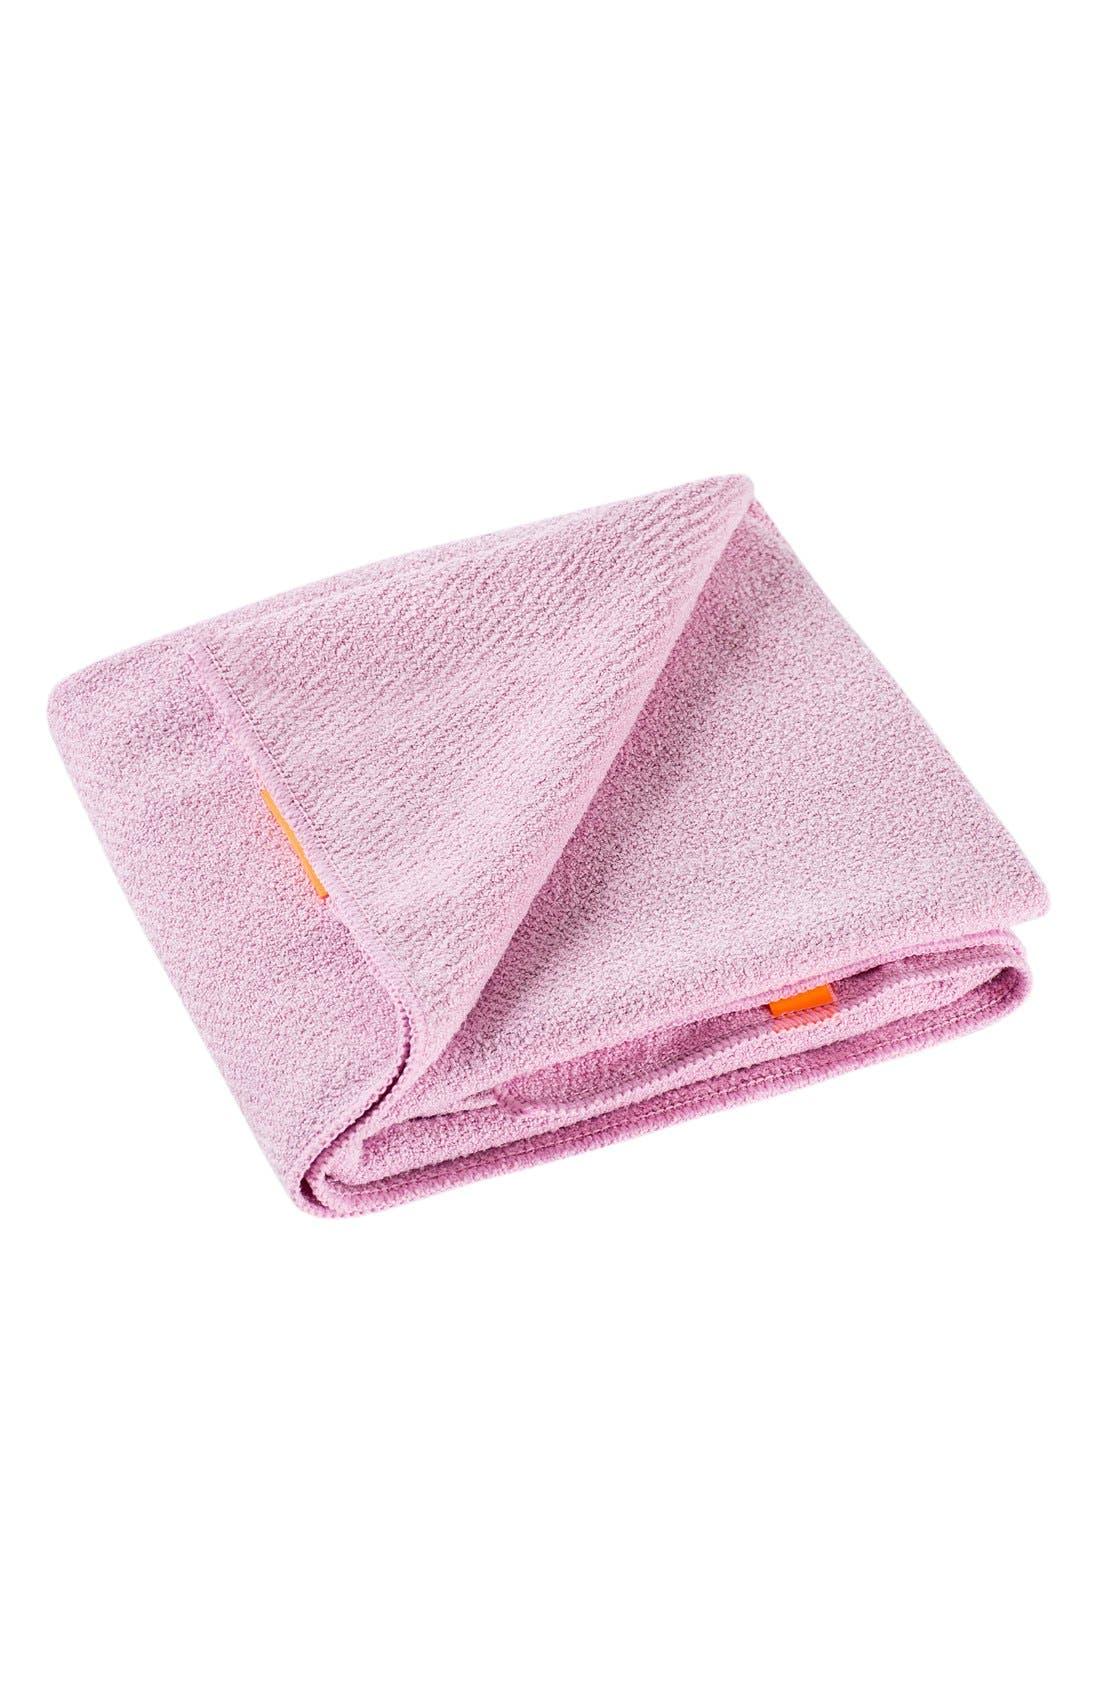 AQUIS Lisse Luxe Desert Rose Hair Towel, Main, color, DESERT ROSE